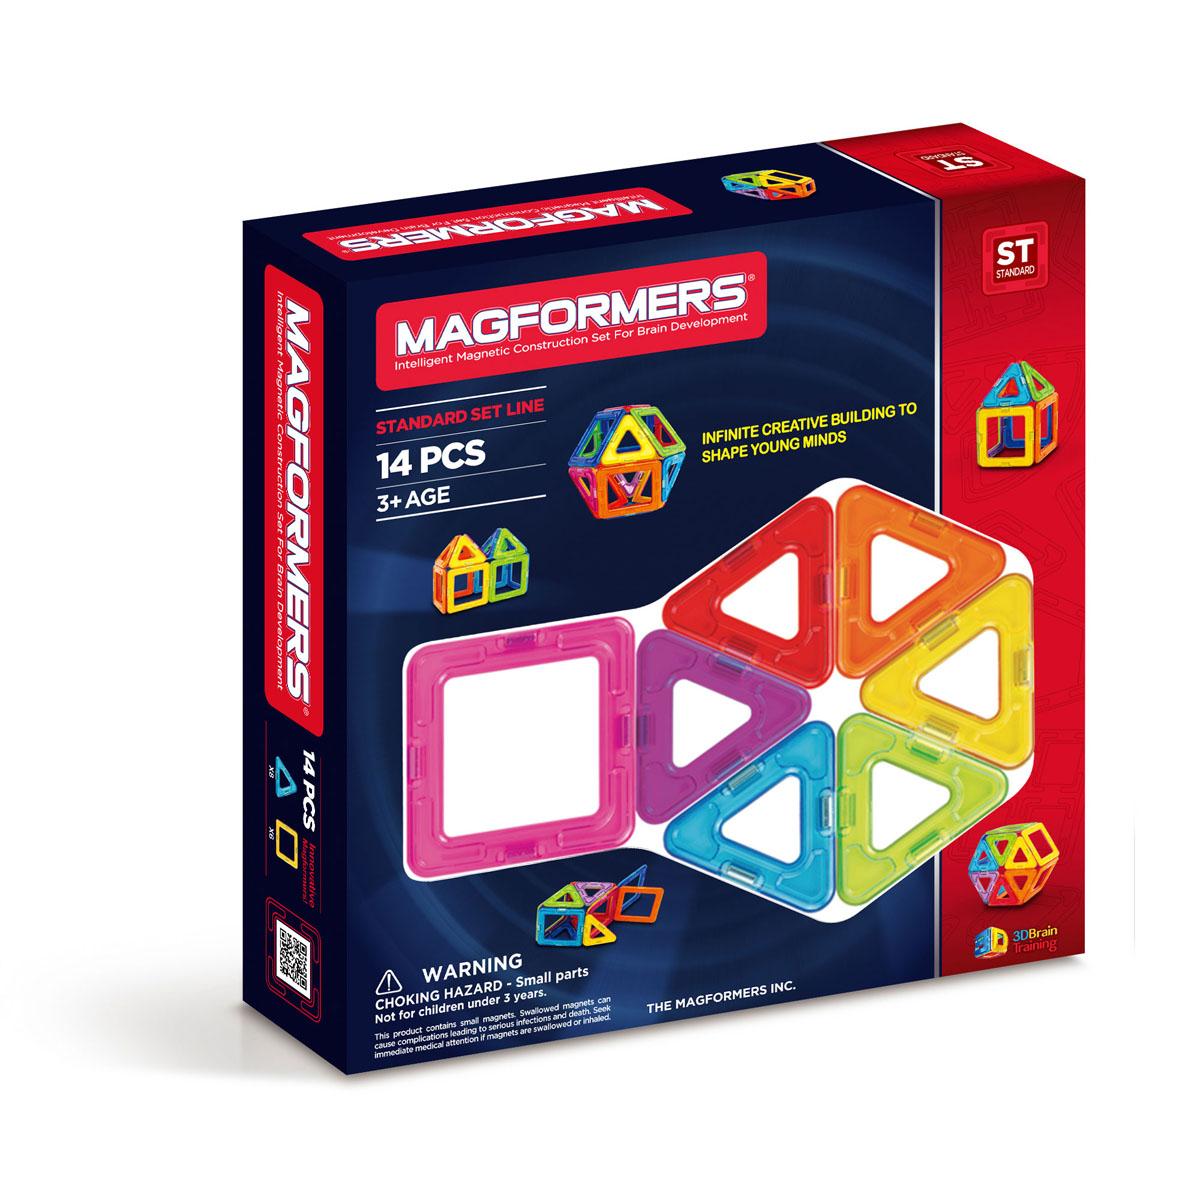 Magformers Магнитный конструктор 63069 1463069/701003Отличный набор, который можно смело рекомендовать детям от 1 года, идеально подходит для начала общения с семейством конструкторов Magformers.